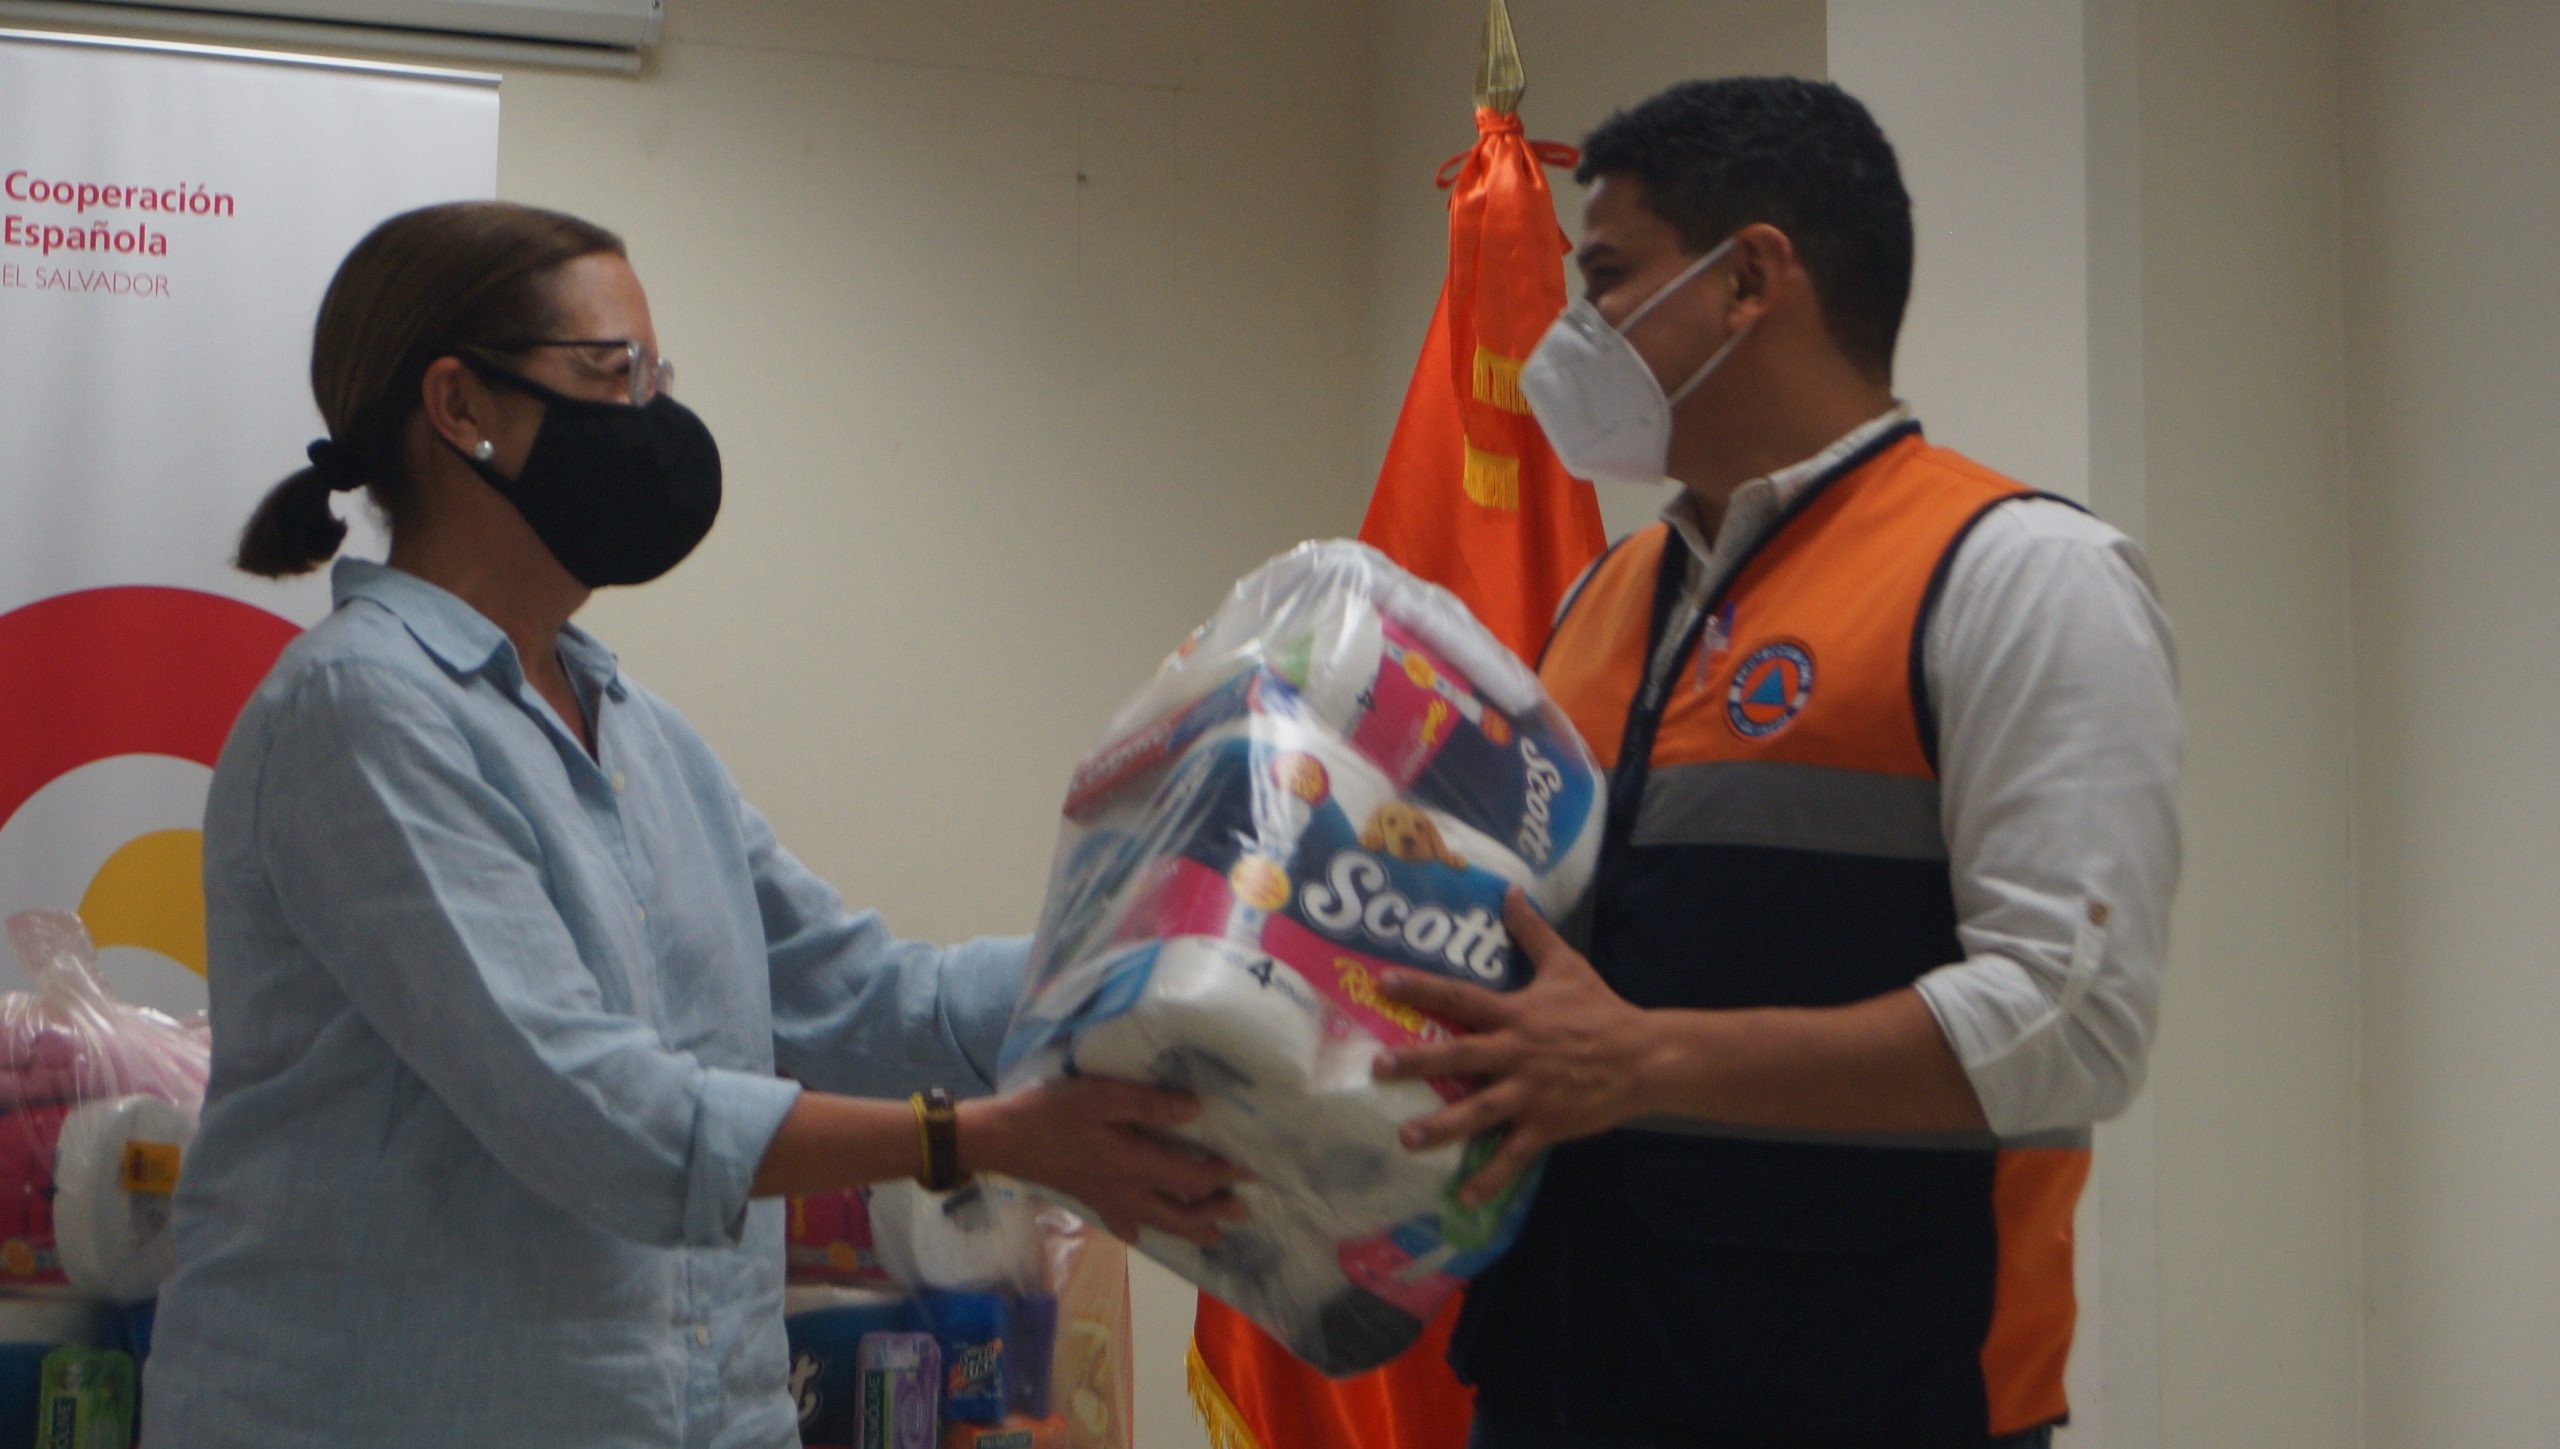 Gobierno recibe donación de paquetes con alimentos y productos de higiene personal de España para familias damnificadas por las lluvias           12/JUNIO/2020